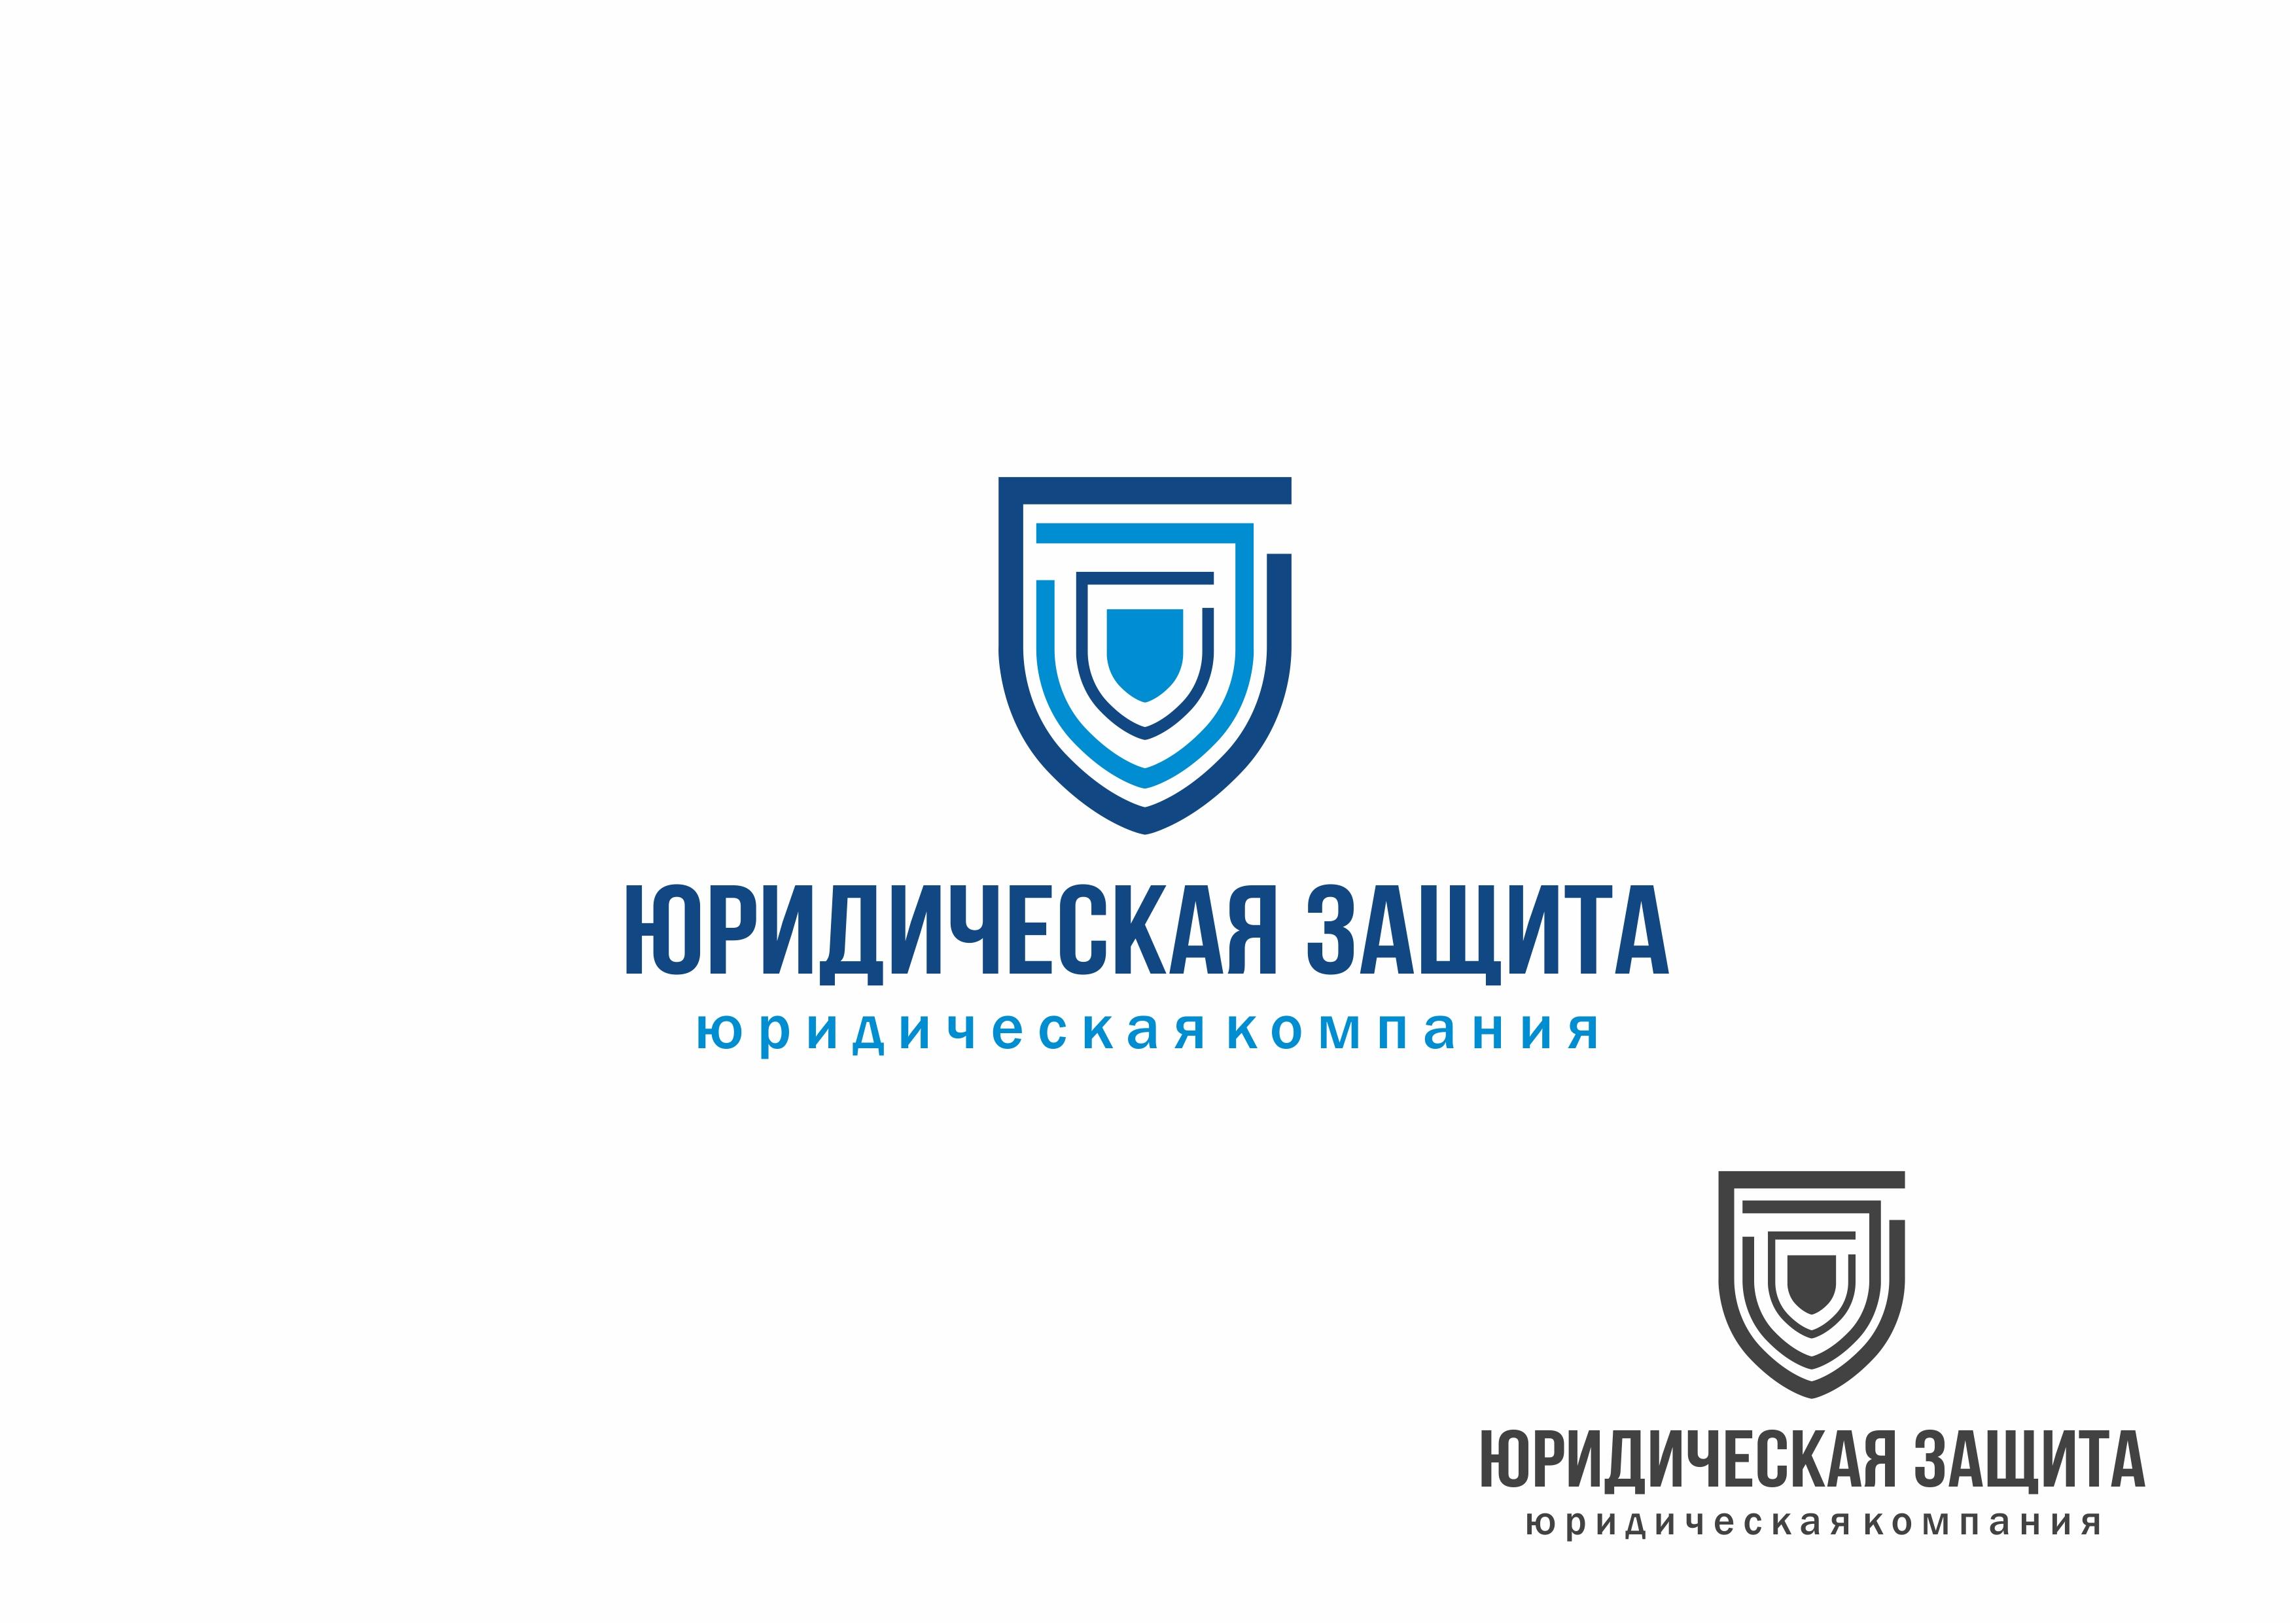 Разработка логотипа для юридической компании фото f_78355e075e37e6cd.jpg